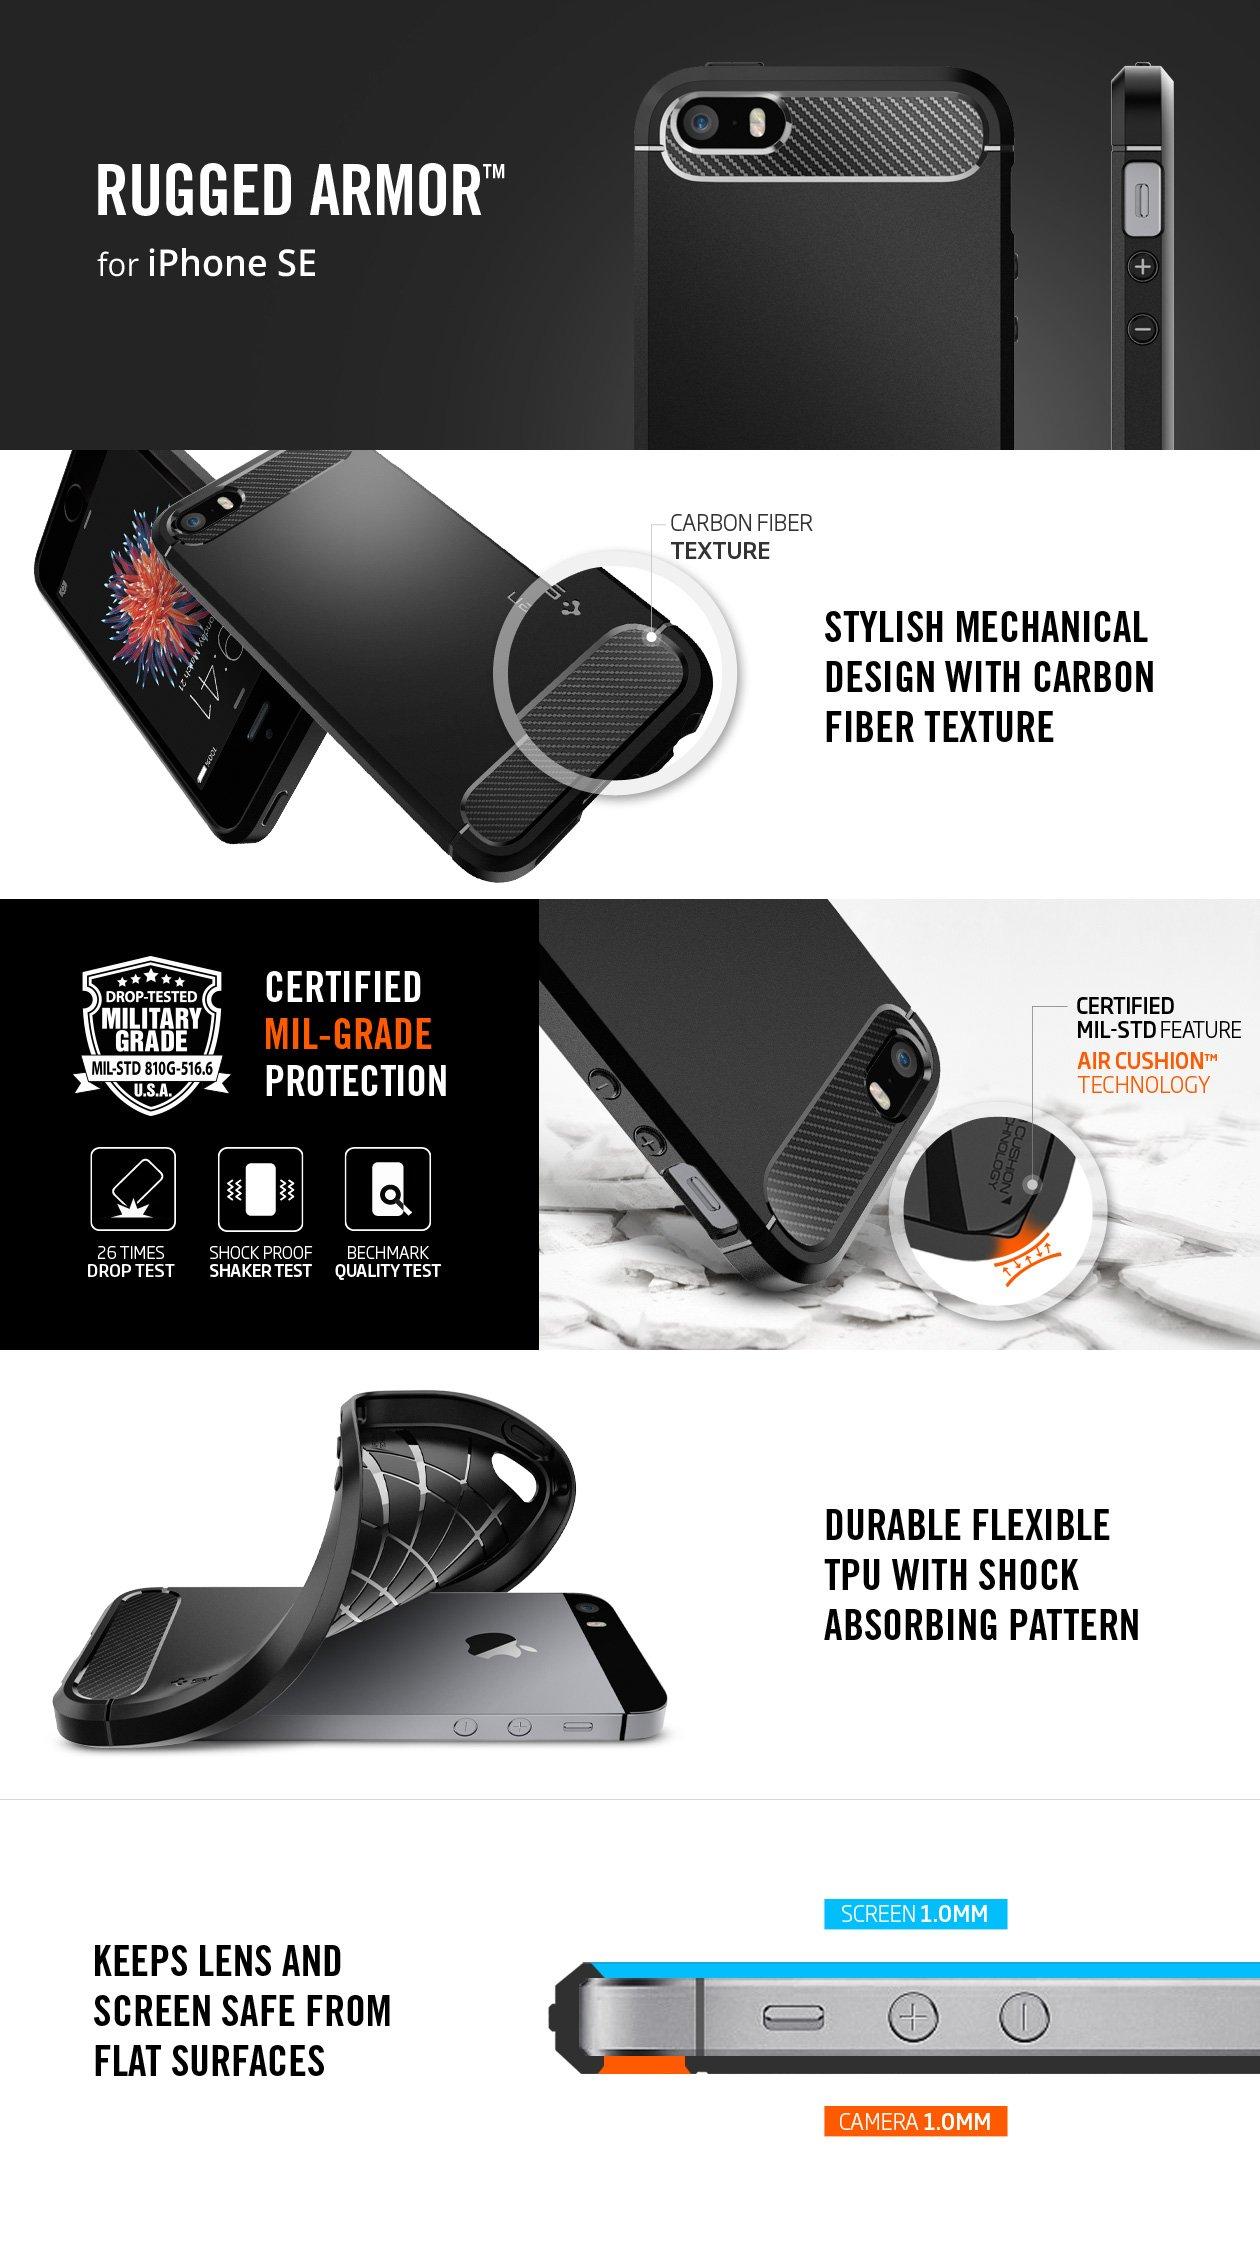 Vlastnosti obalu, krytu a pouzdra Spigen Rugged Armor na pro iPhone 5s, 5, SE.